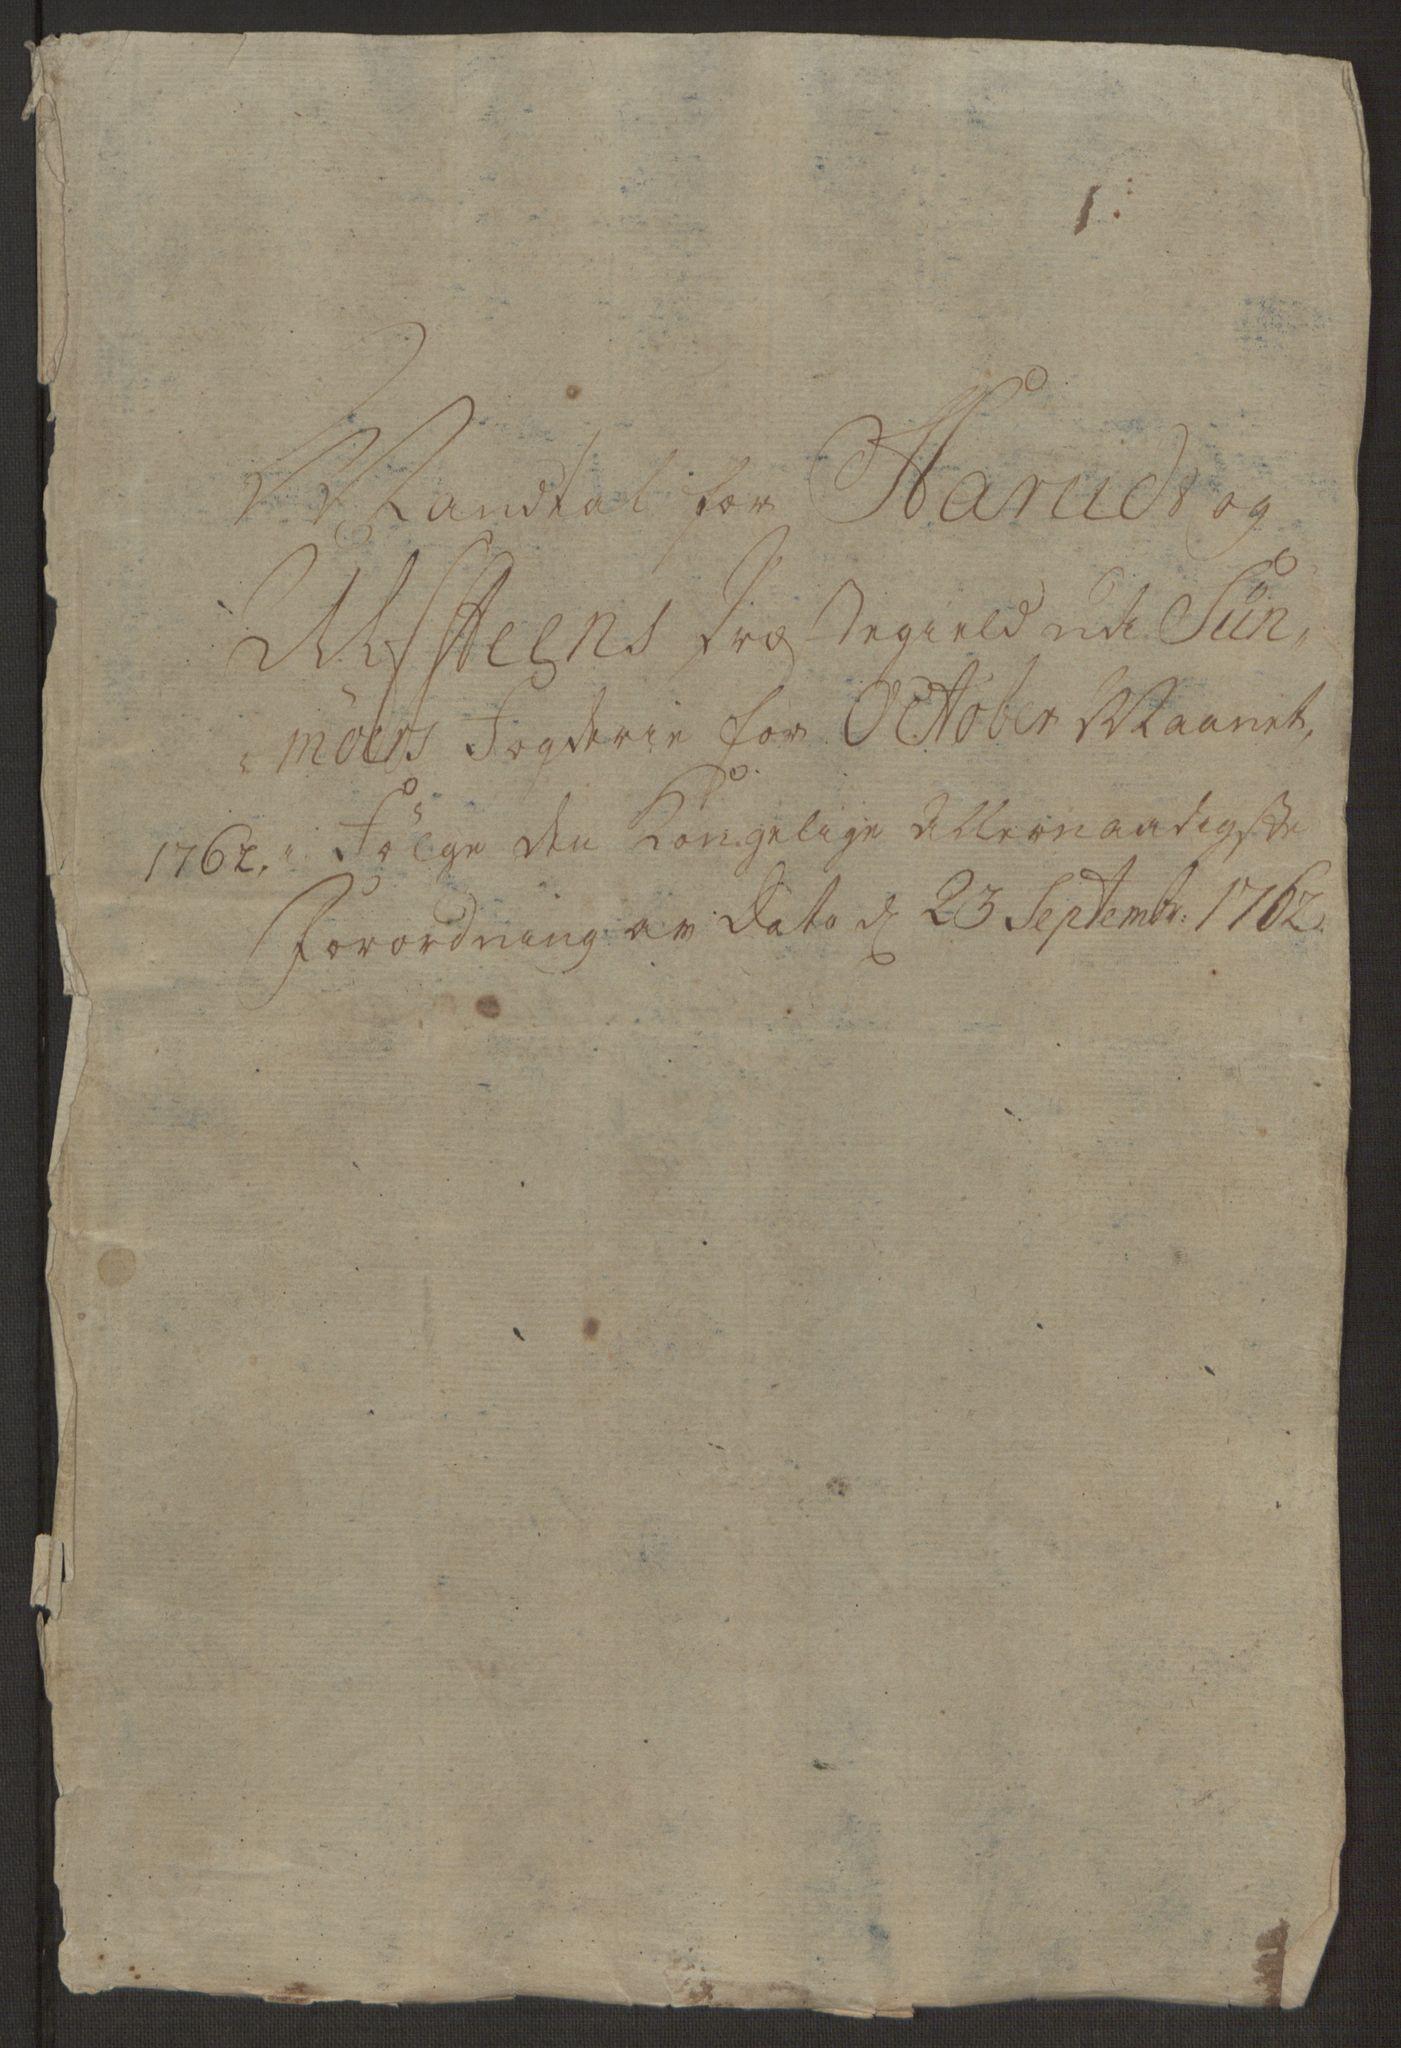 RA, Rentekammeret inntil 1814, Realistisk ordnet avdeling, Ol/L0019: [Gg 10]: Ekstraskatten, 23.09.1762. Sunnmøre, 1762-1763, s. 423